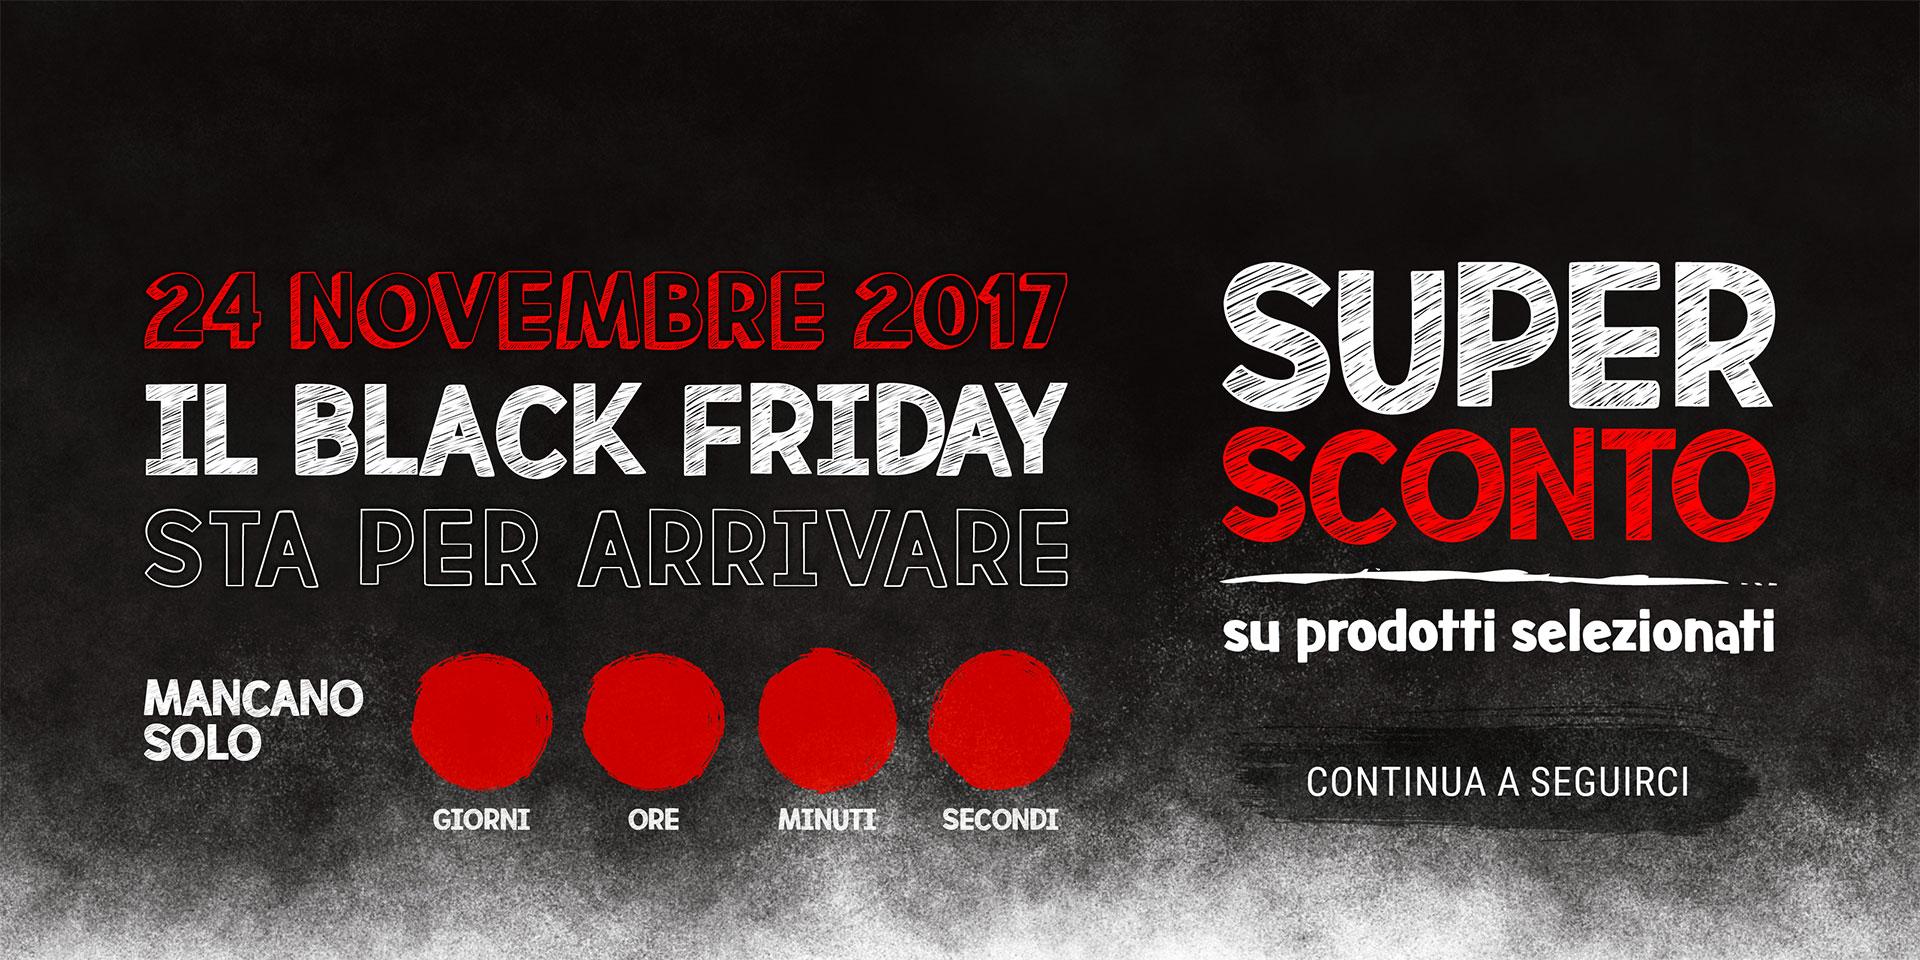 Black Friday è anche Mondo Convenienza: il 24 novembre è il ...